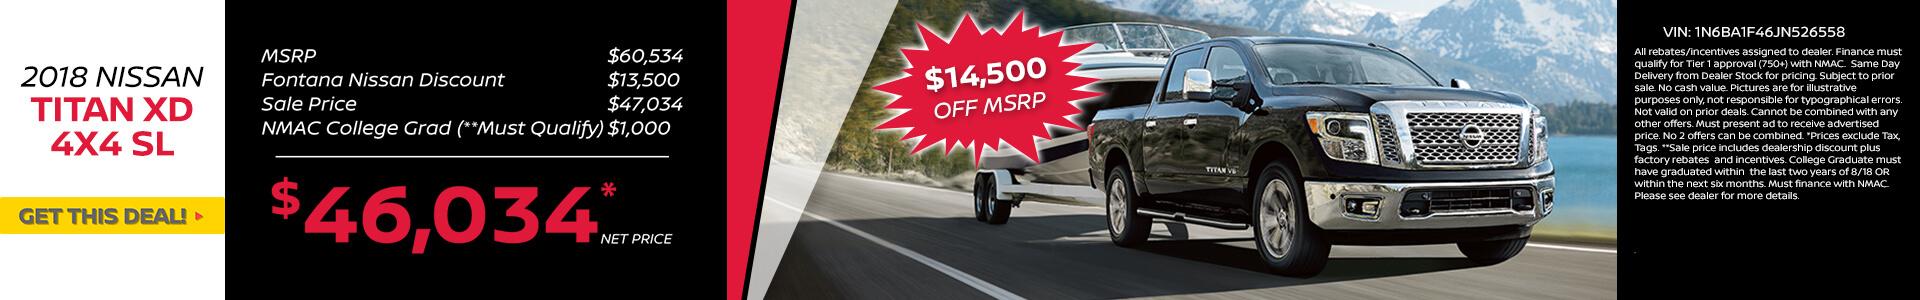 Titan XD $14,500 Off MSRP